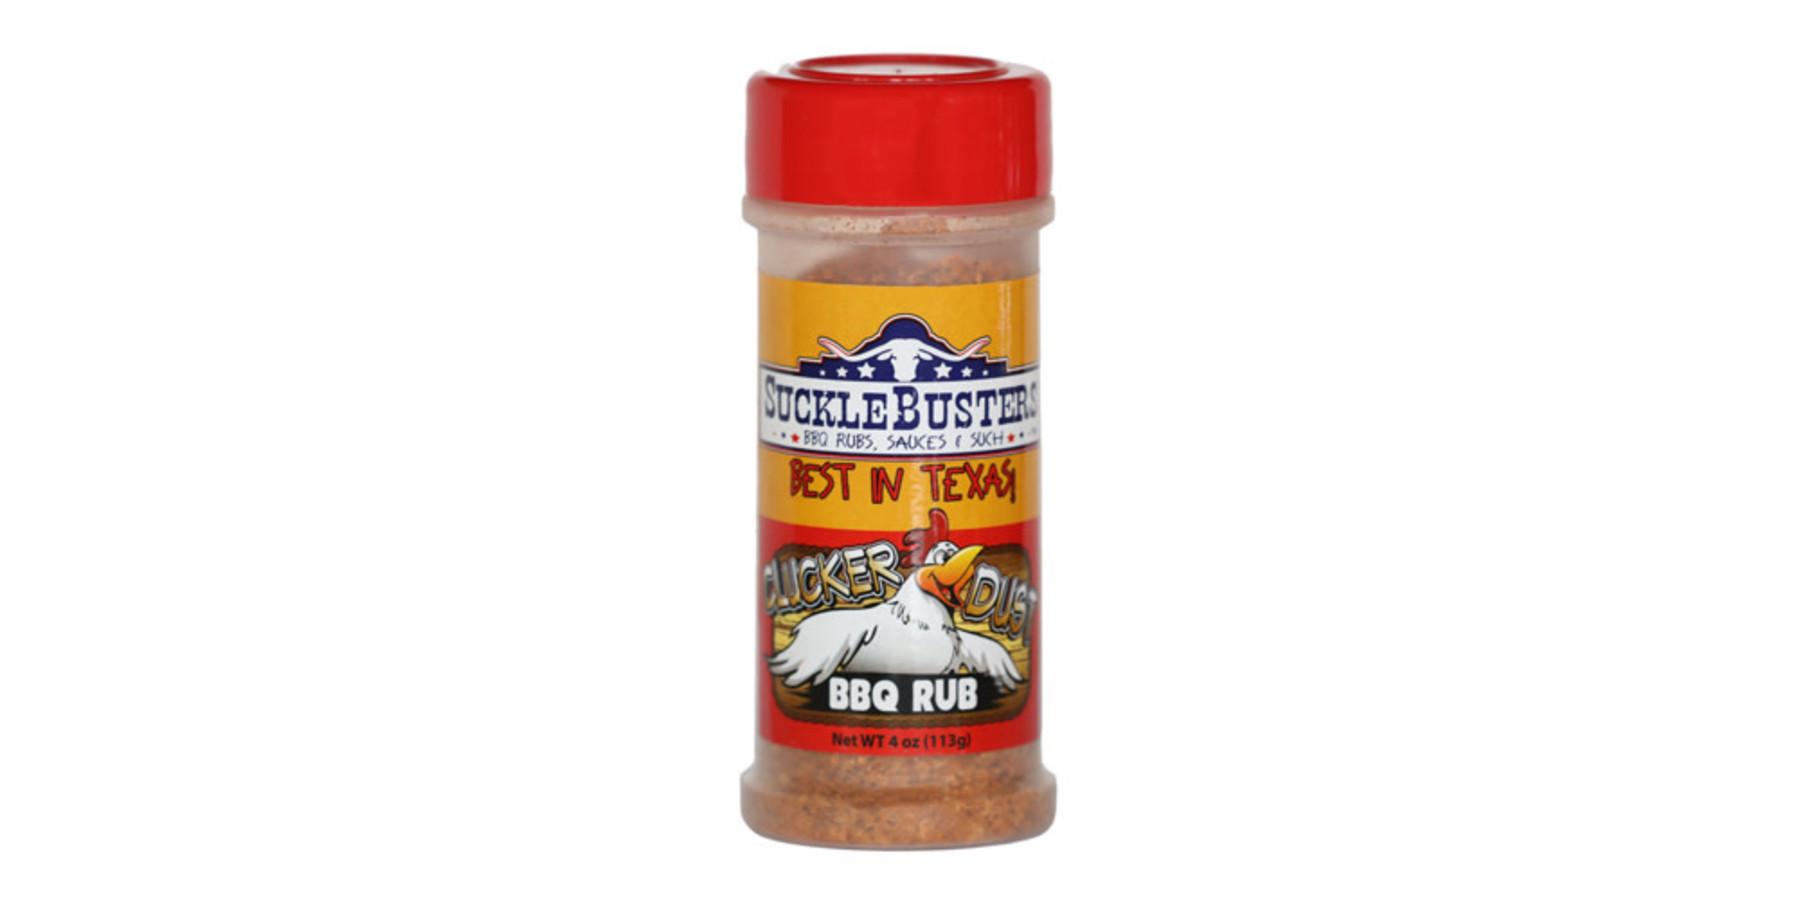 Clucker Dust chicken rub